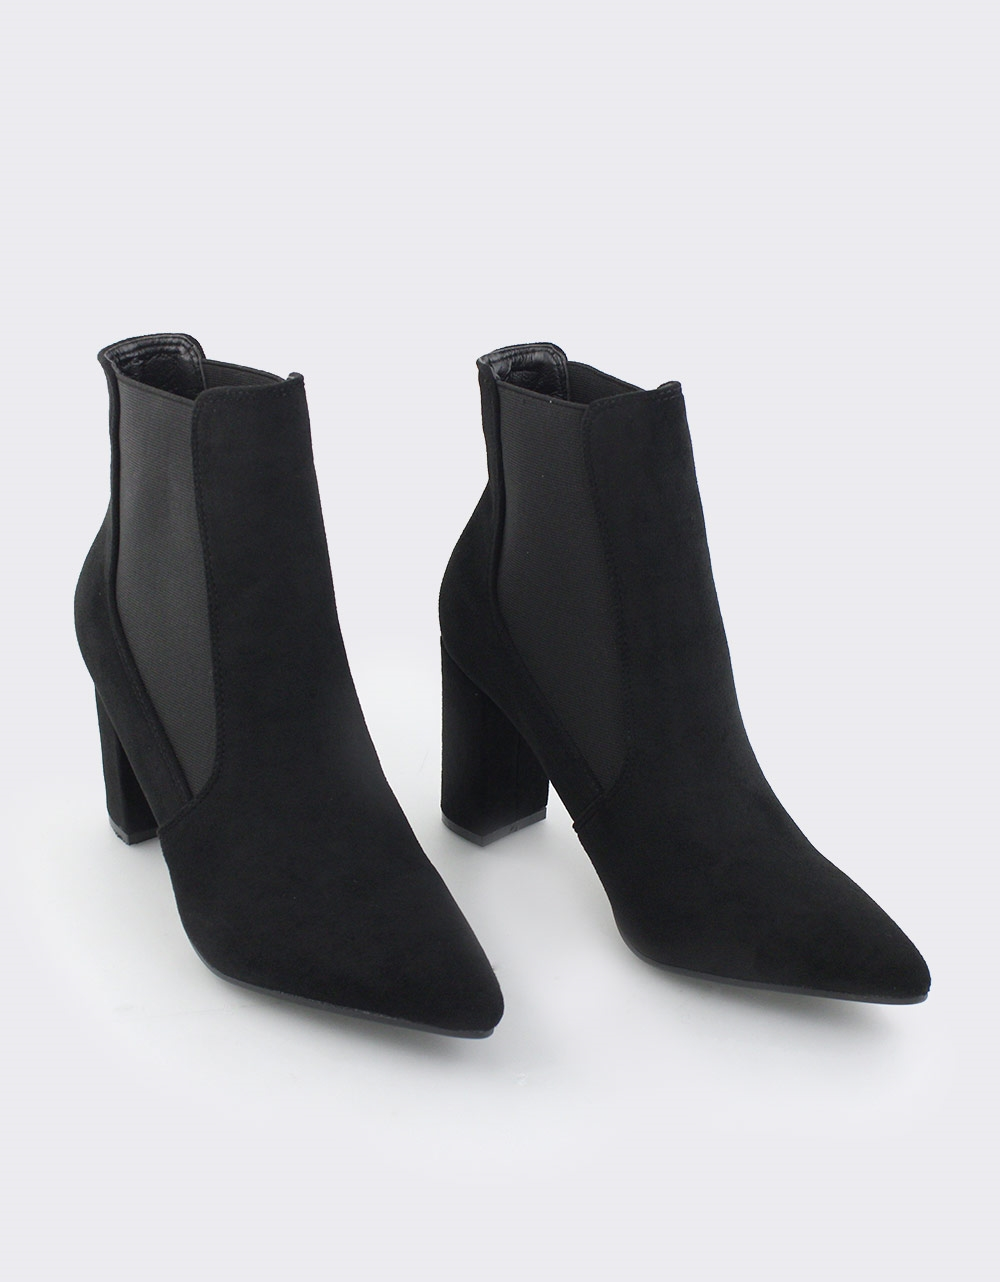 Εικόνα από Γυναικεία μποτάκια μονόχρωμα Μαύρο